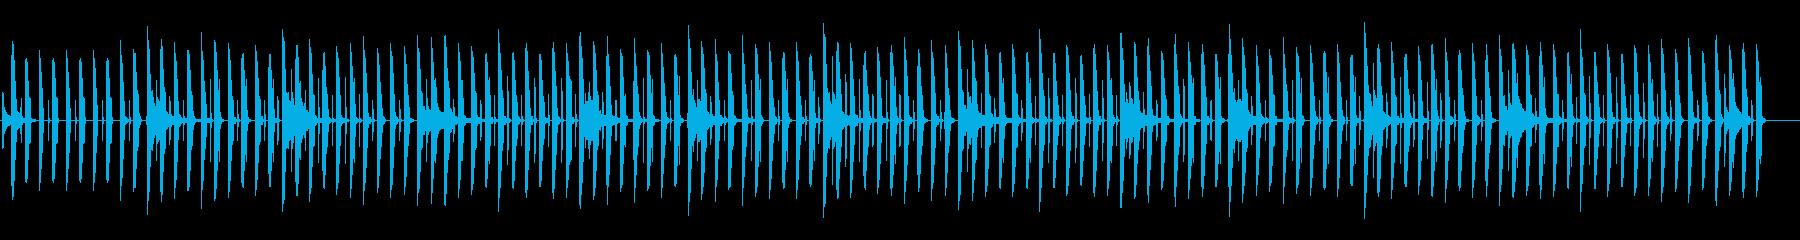 かわいいシンキング/ギター/教育番組4の再生済みの波形